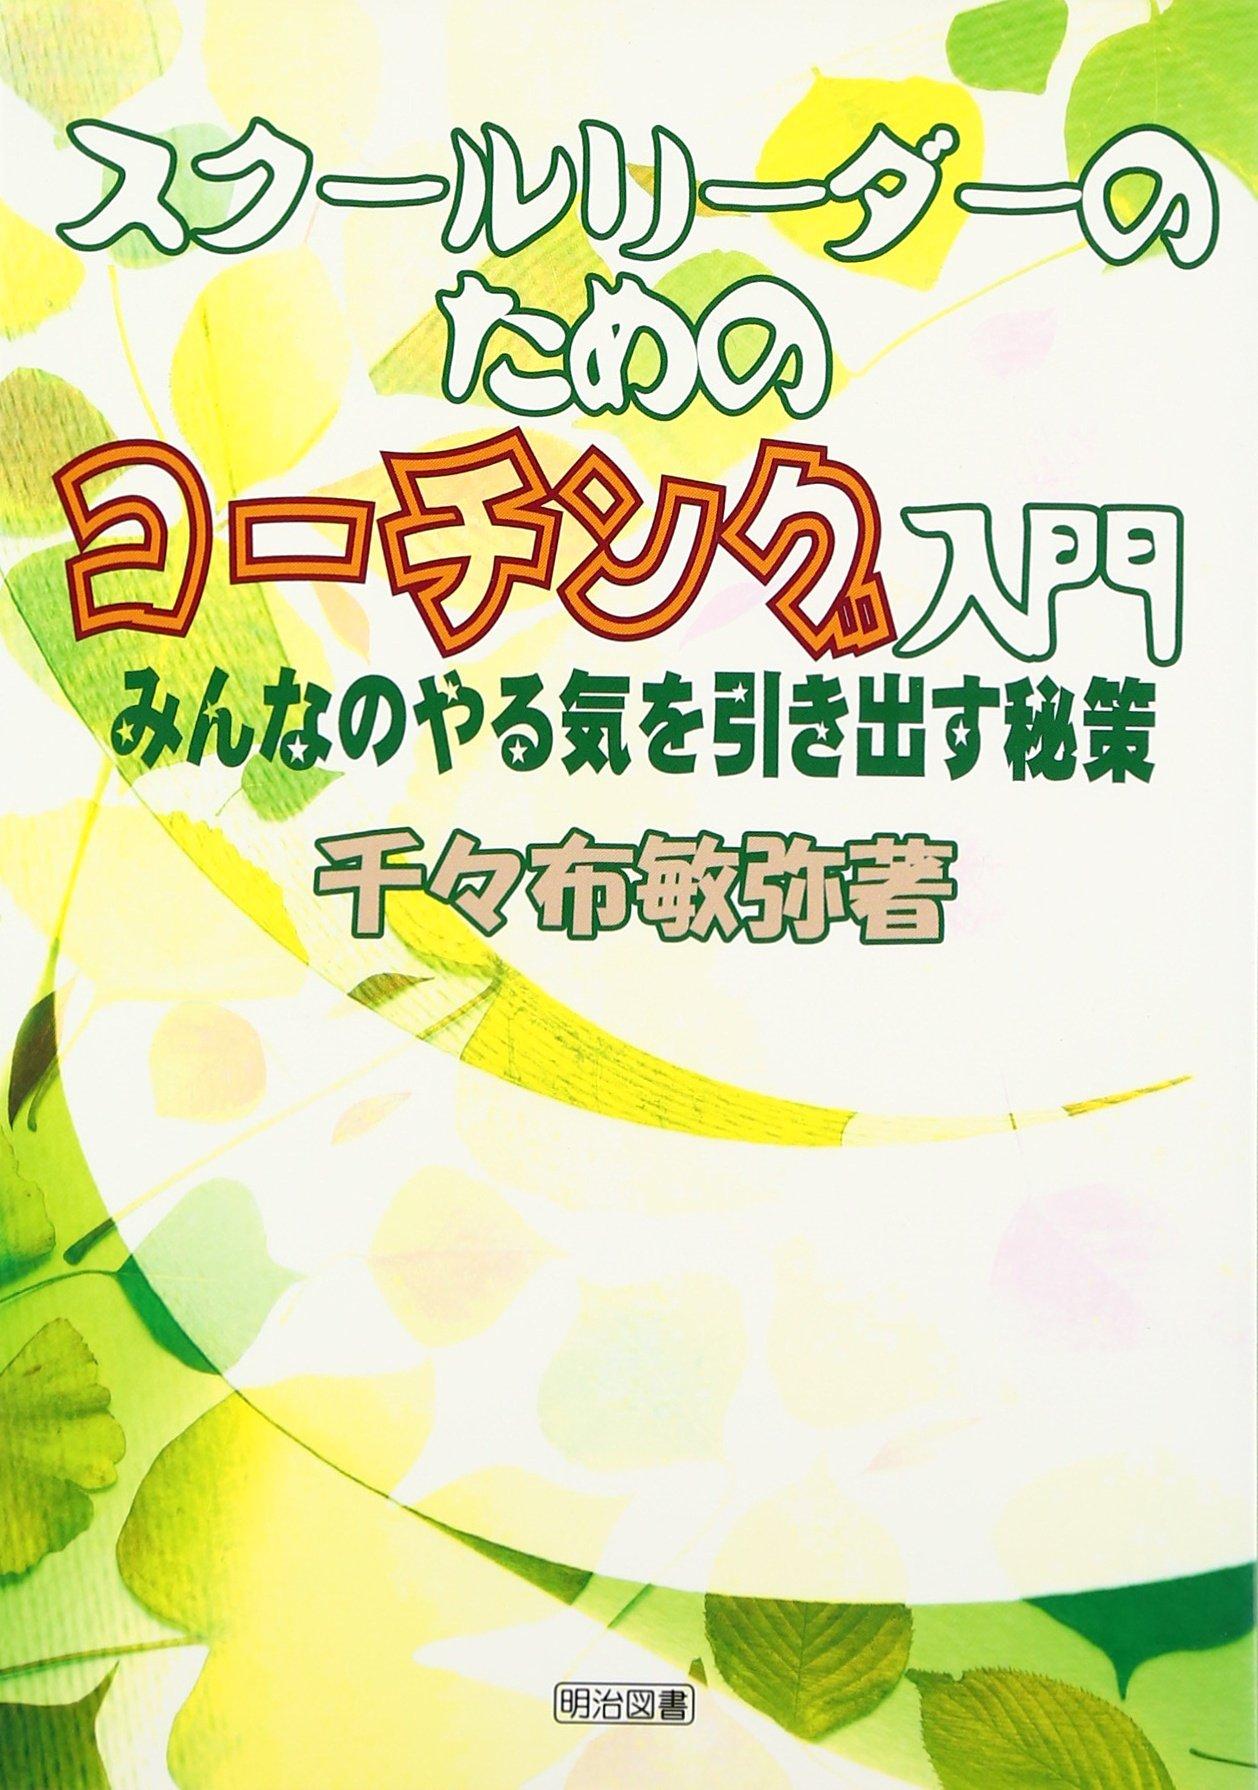 Download Sukūru rīdā no tameno kōchingu nyūmon : Minna no yaruki o hikidasu hisaku ebook